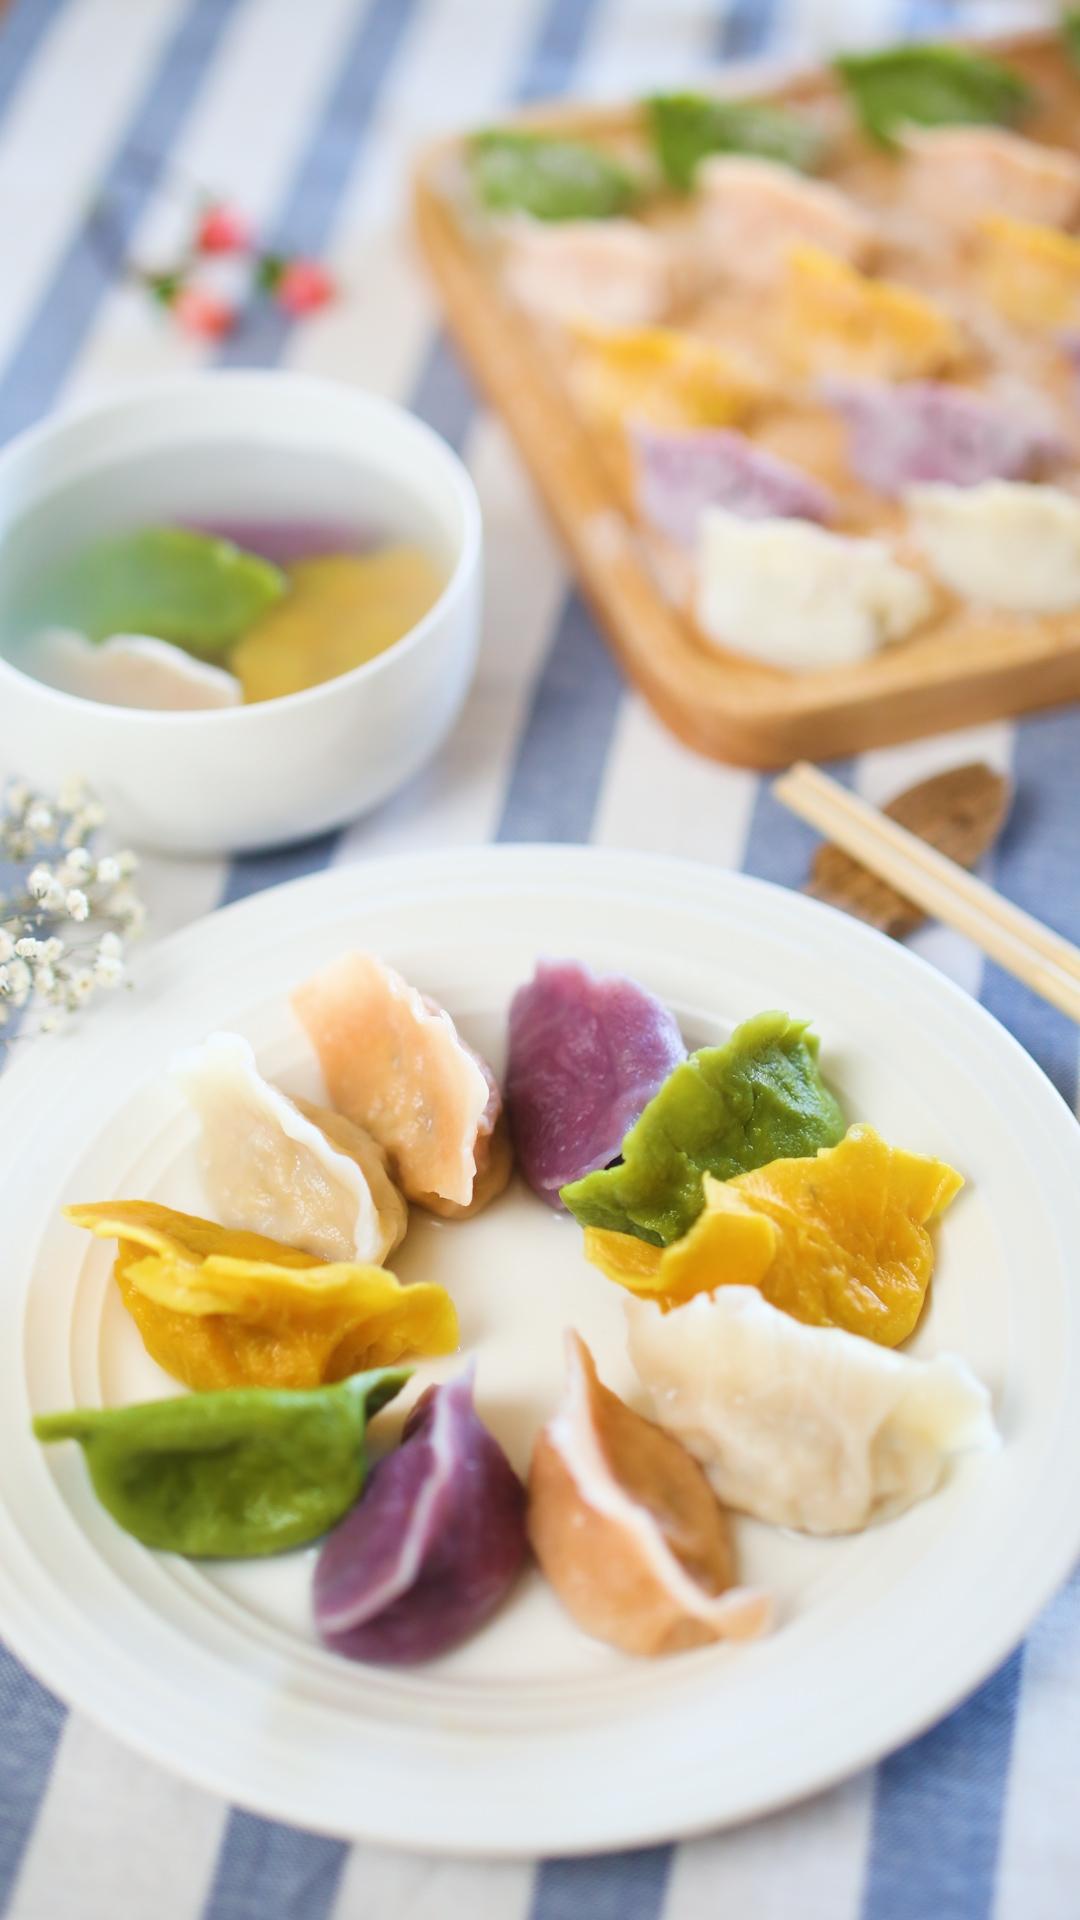 12m+彩色饺子(宝宝辅食),煮熟捞出,就可以喊宝宝吃啦~吃多少煮多少哈,剩下的可以放在冰箱冷冻,随吃随煮~</p> <p>